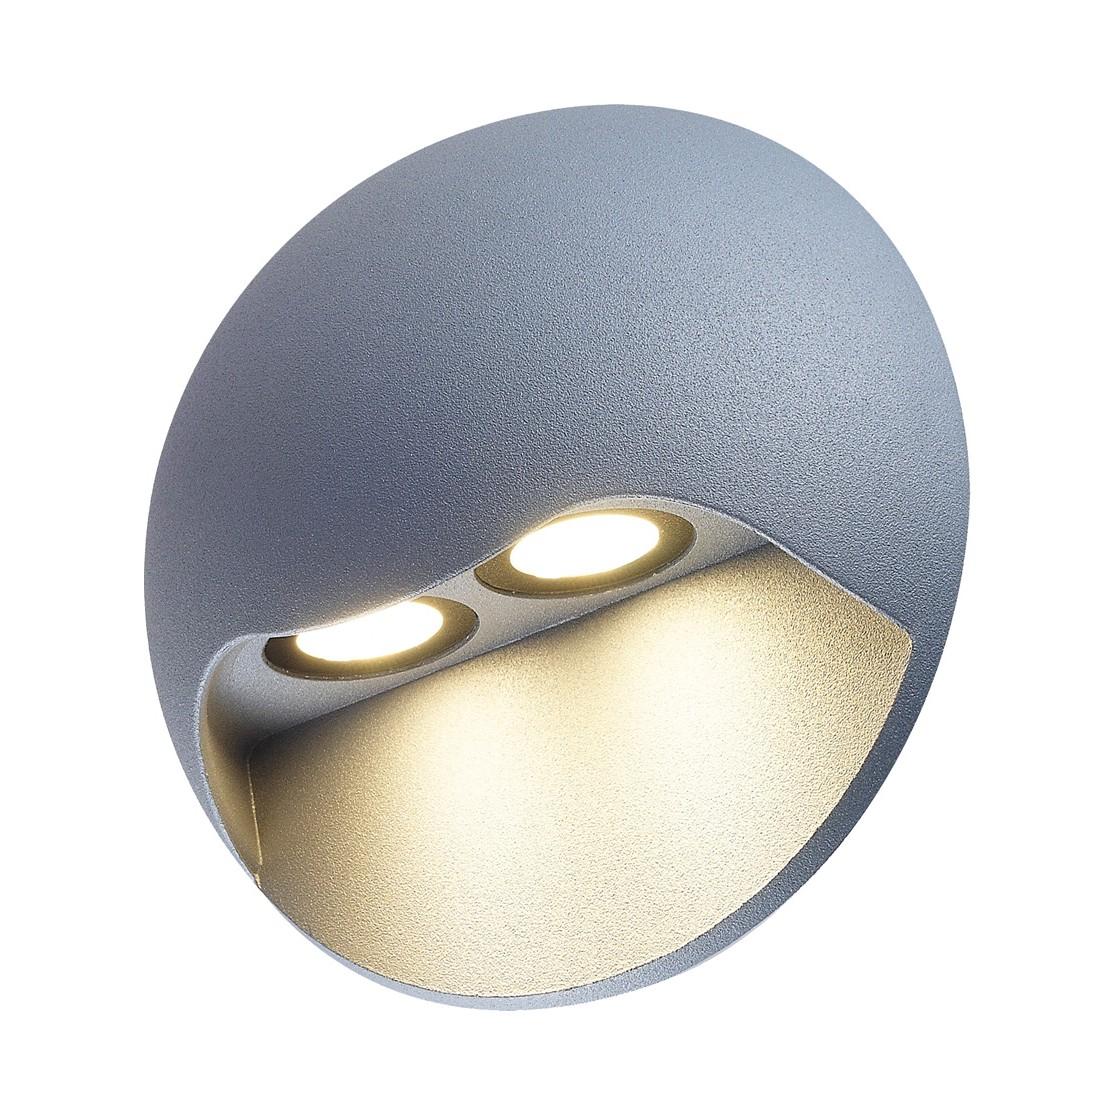 energie  A+, LED-buitenlamp Cycle II - aluminium zilverkleurig 2 lichtbronnen, Näve